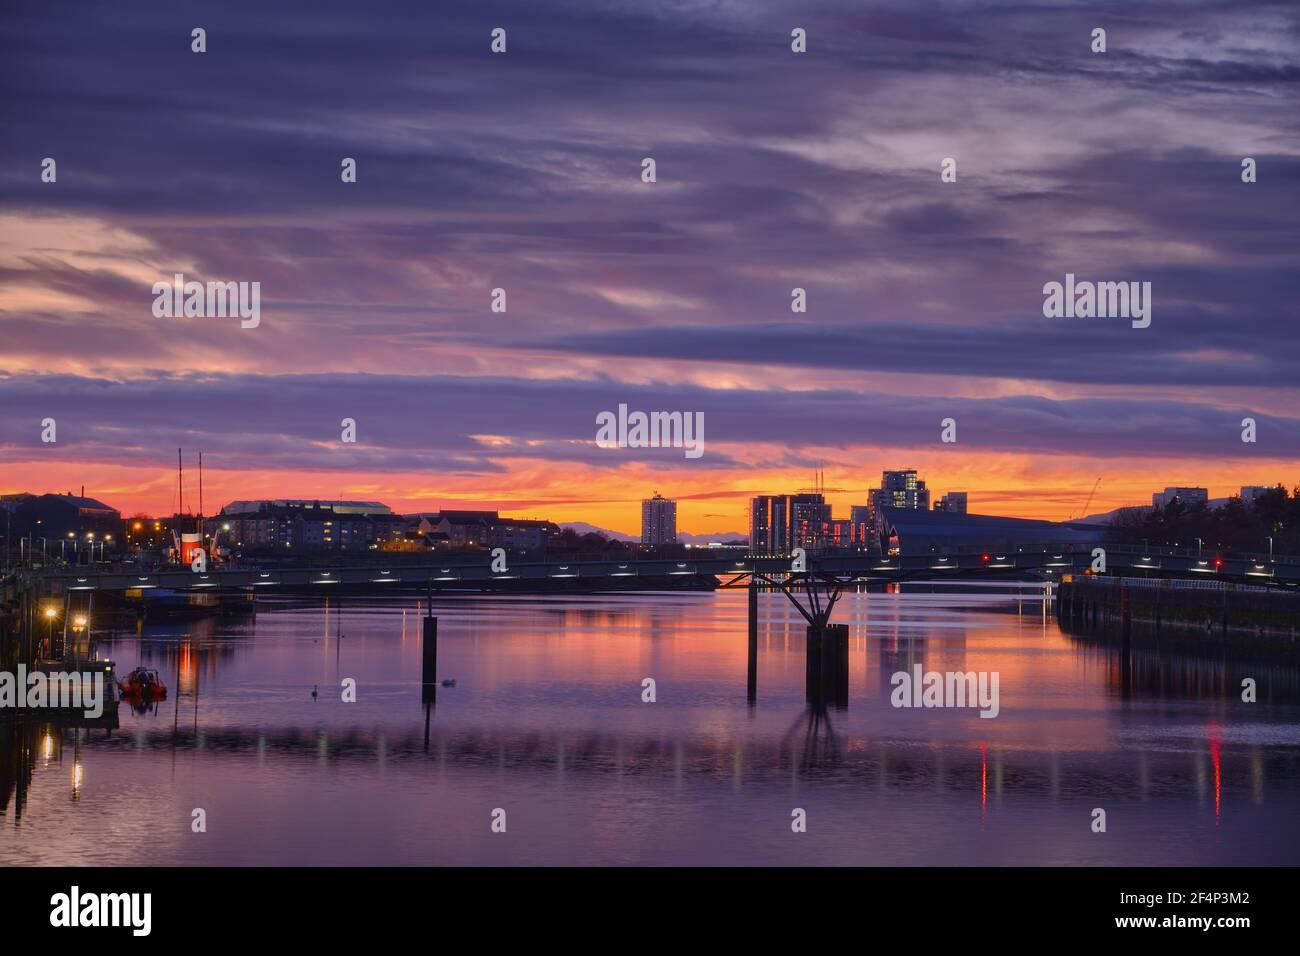 Vistas increíbles del río Clyde y del cielo de la puesta de sol, Glasgow, Escocia Foto de stock